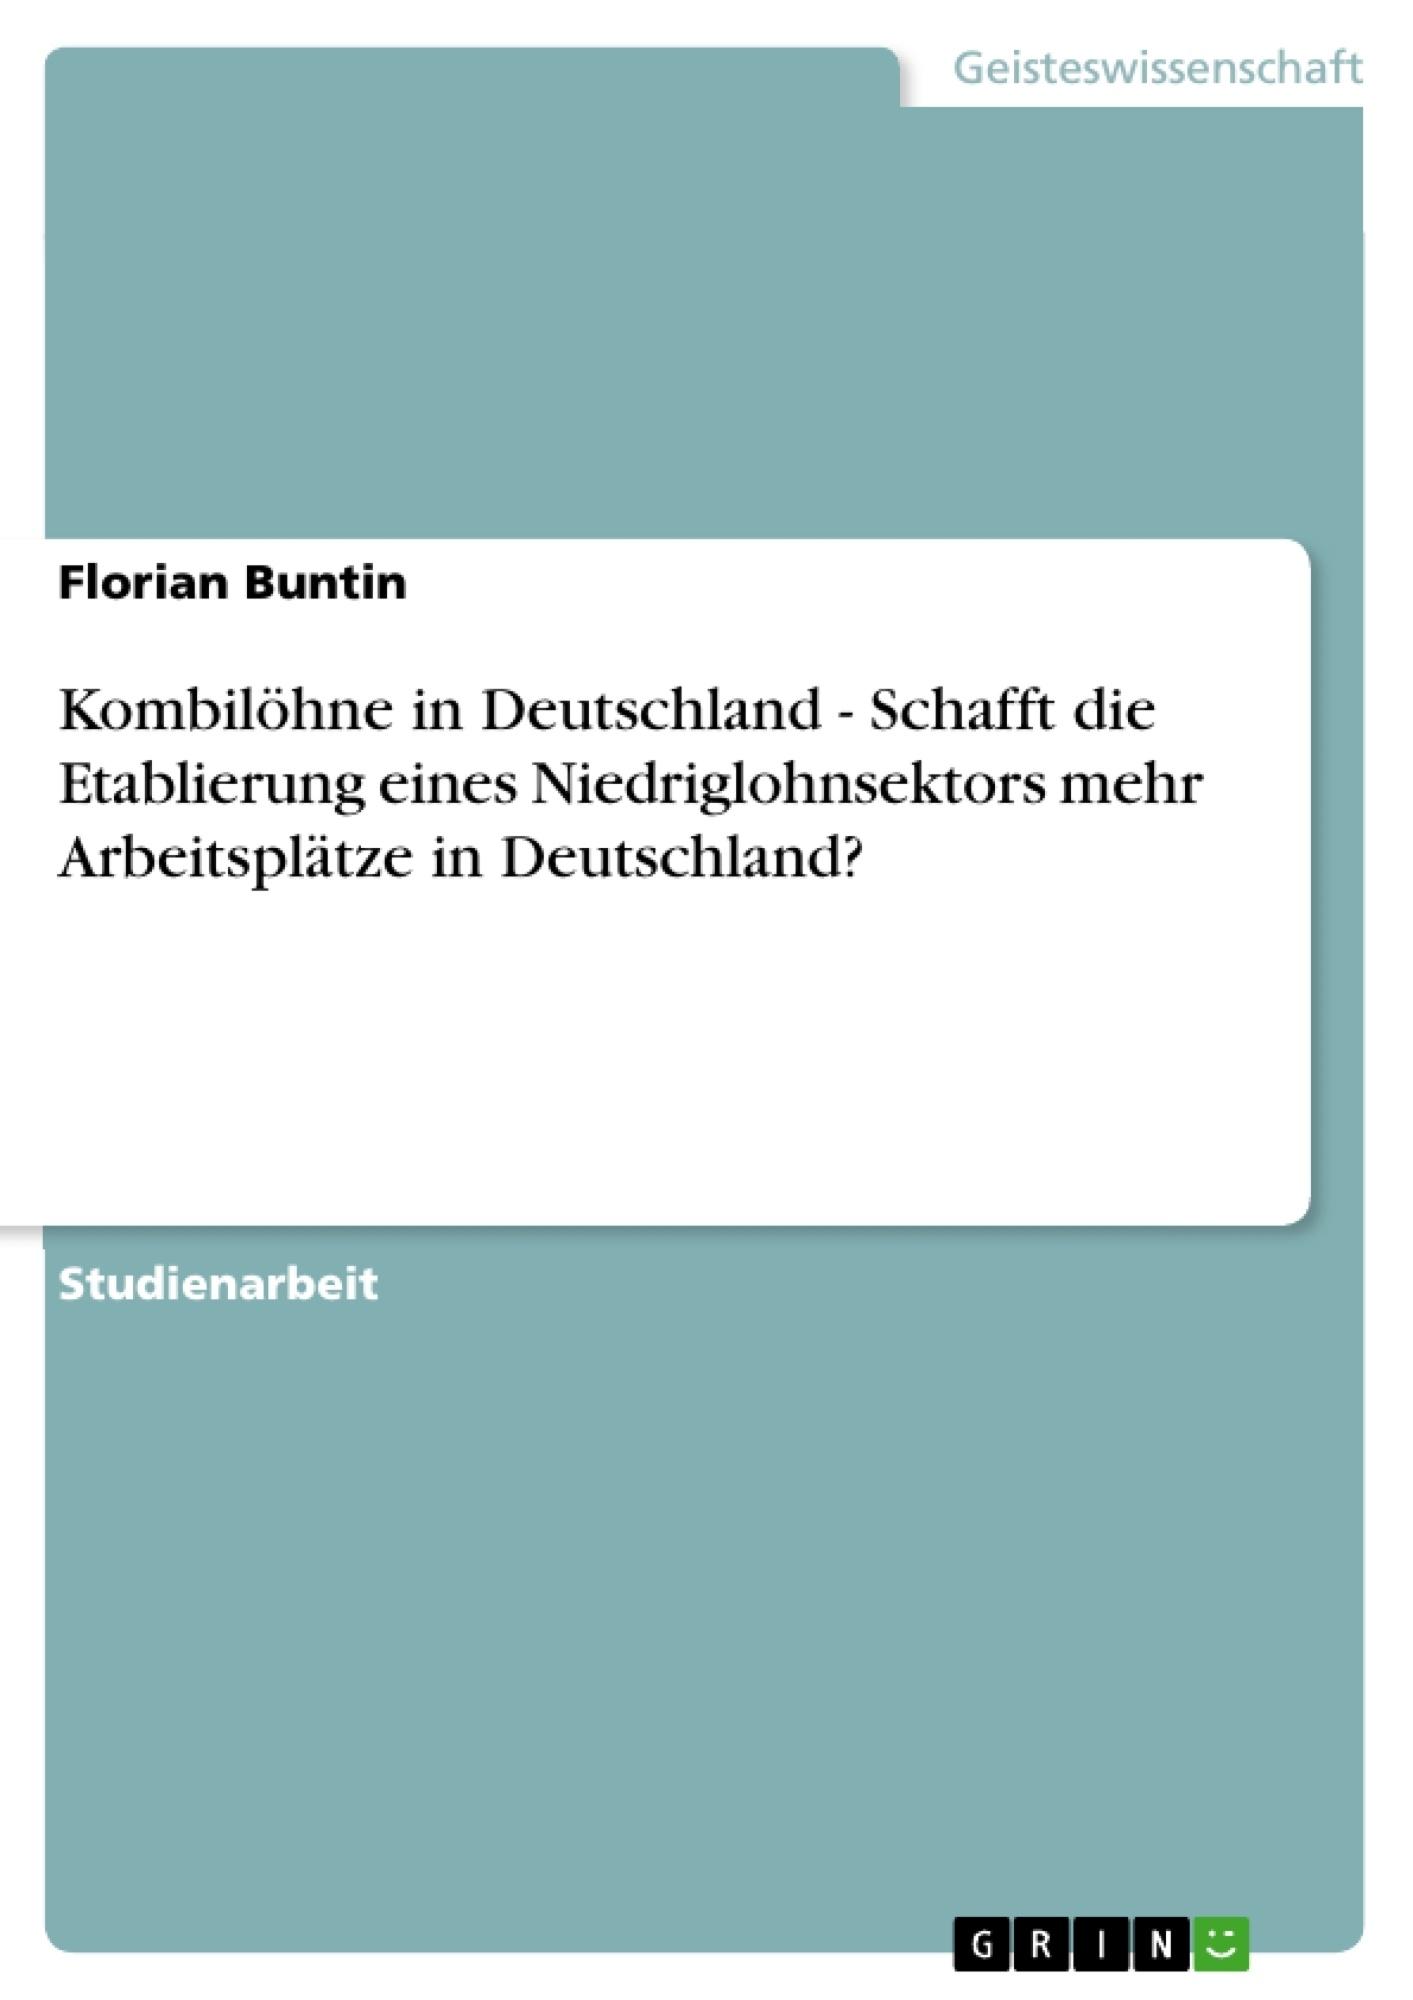 Titel: Kombilöhne in Deutschland - Schafft die Etablierung eines Niedriglohnsektors mehr Arbeitsplätze in Deutschland?